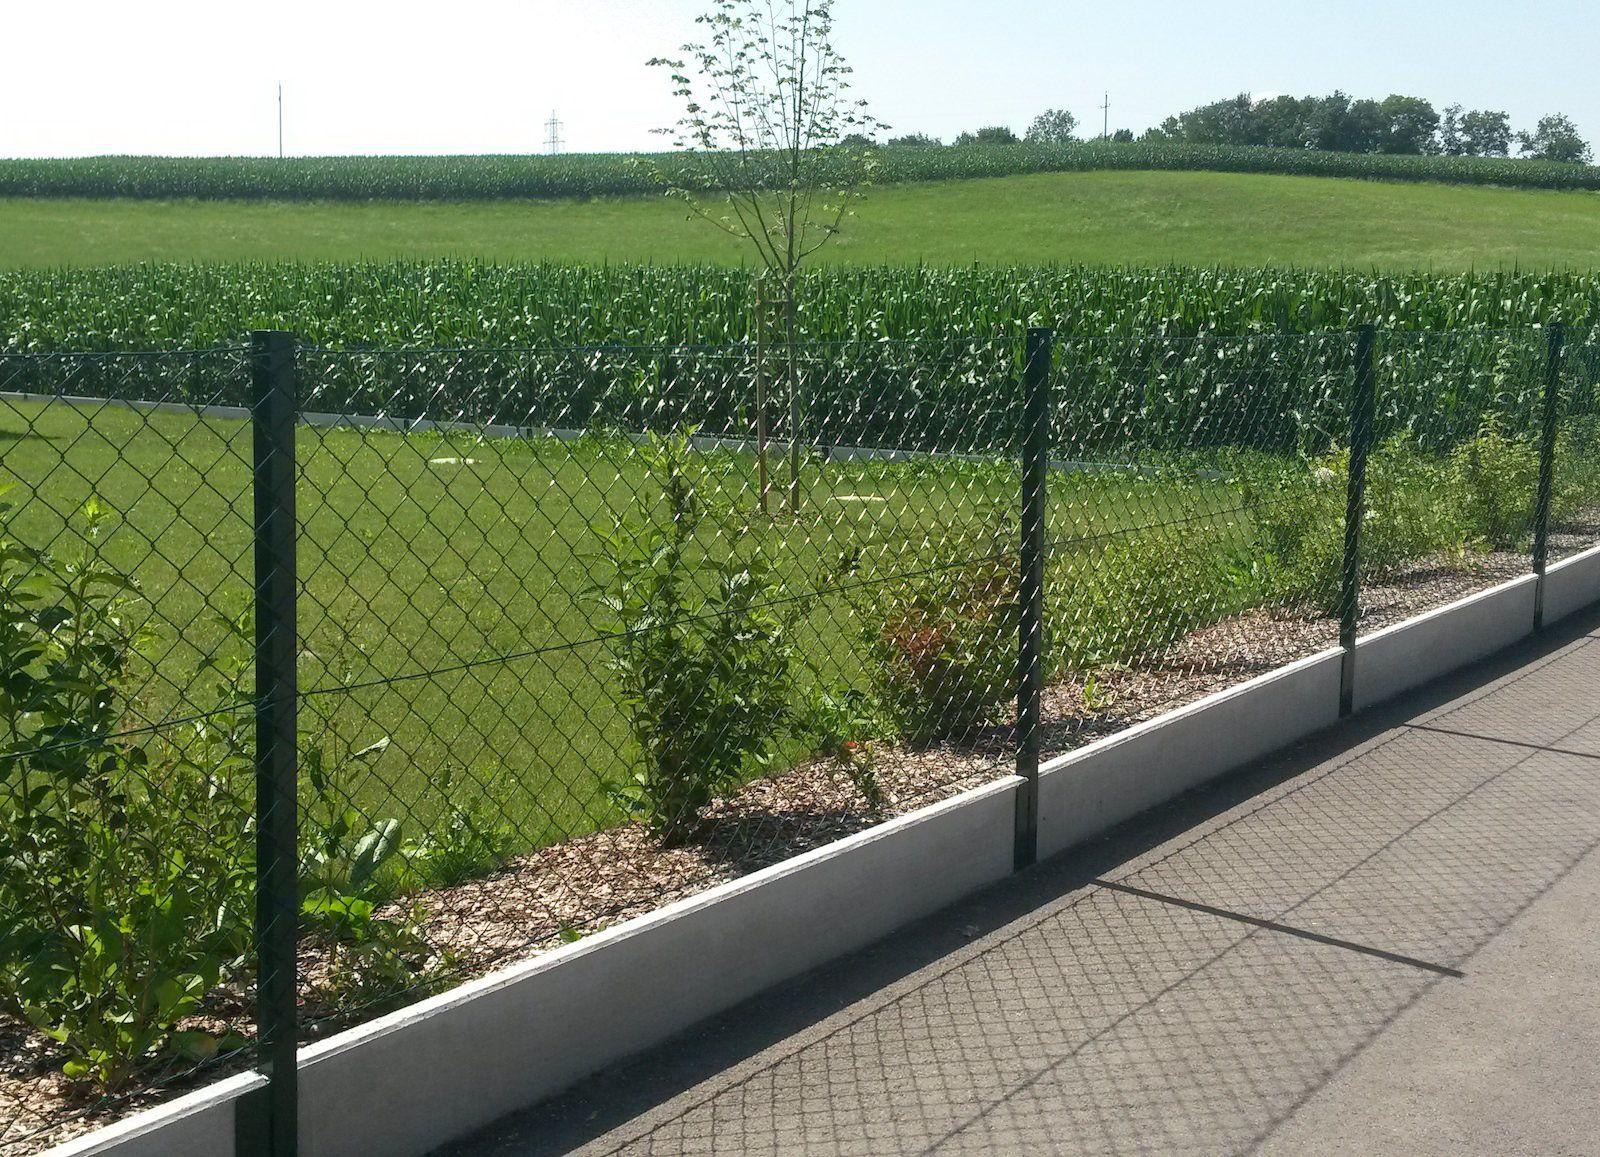 Bildergebnis für maschendrahtzaun mit Betonsockel | Fischer garten ...